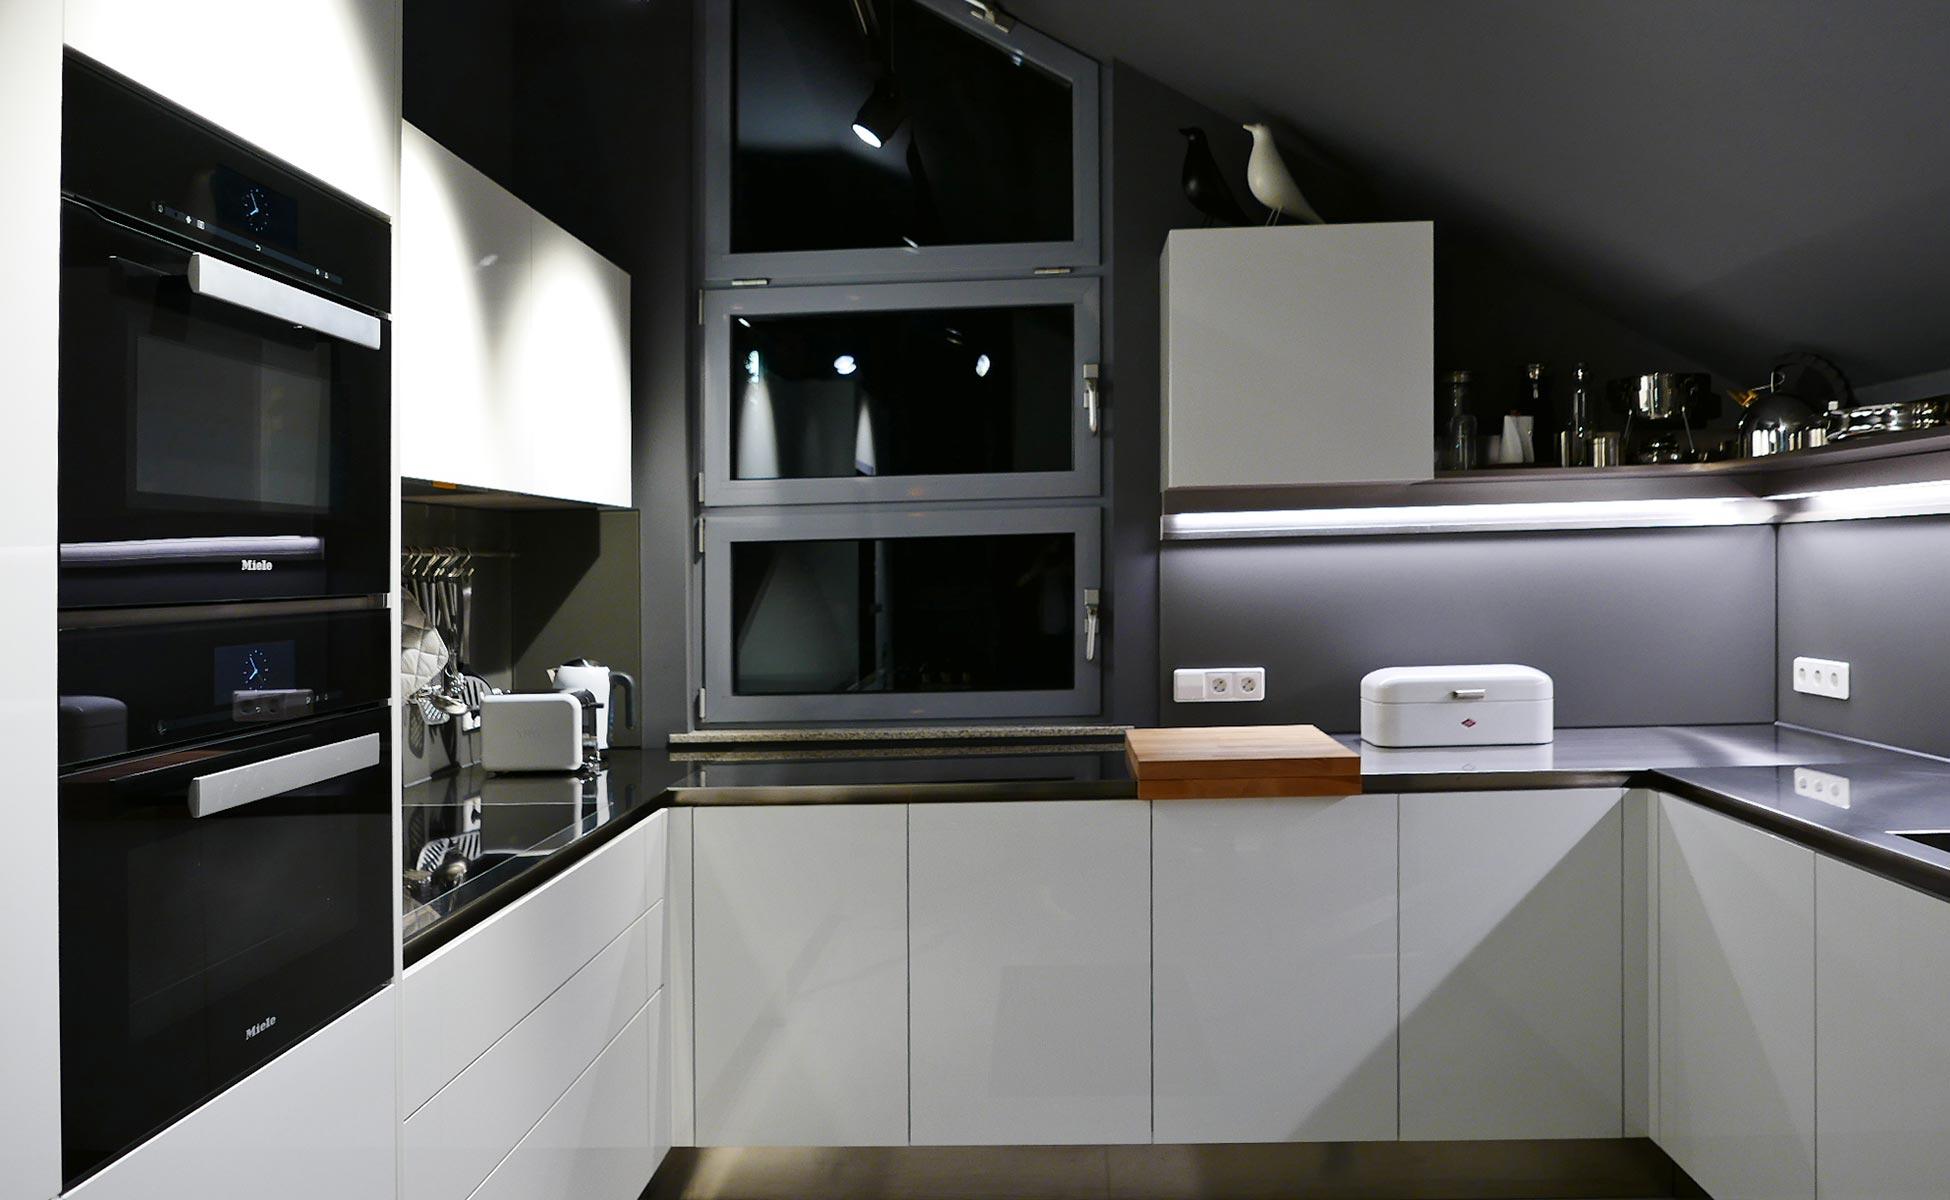 10 arclinea küche + miele bei steidten+ berlin